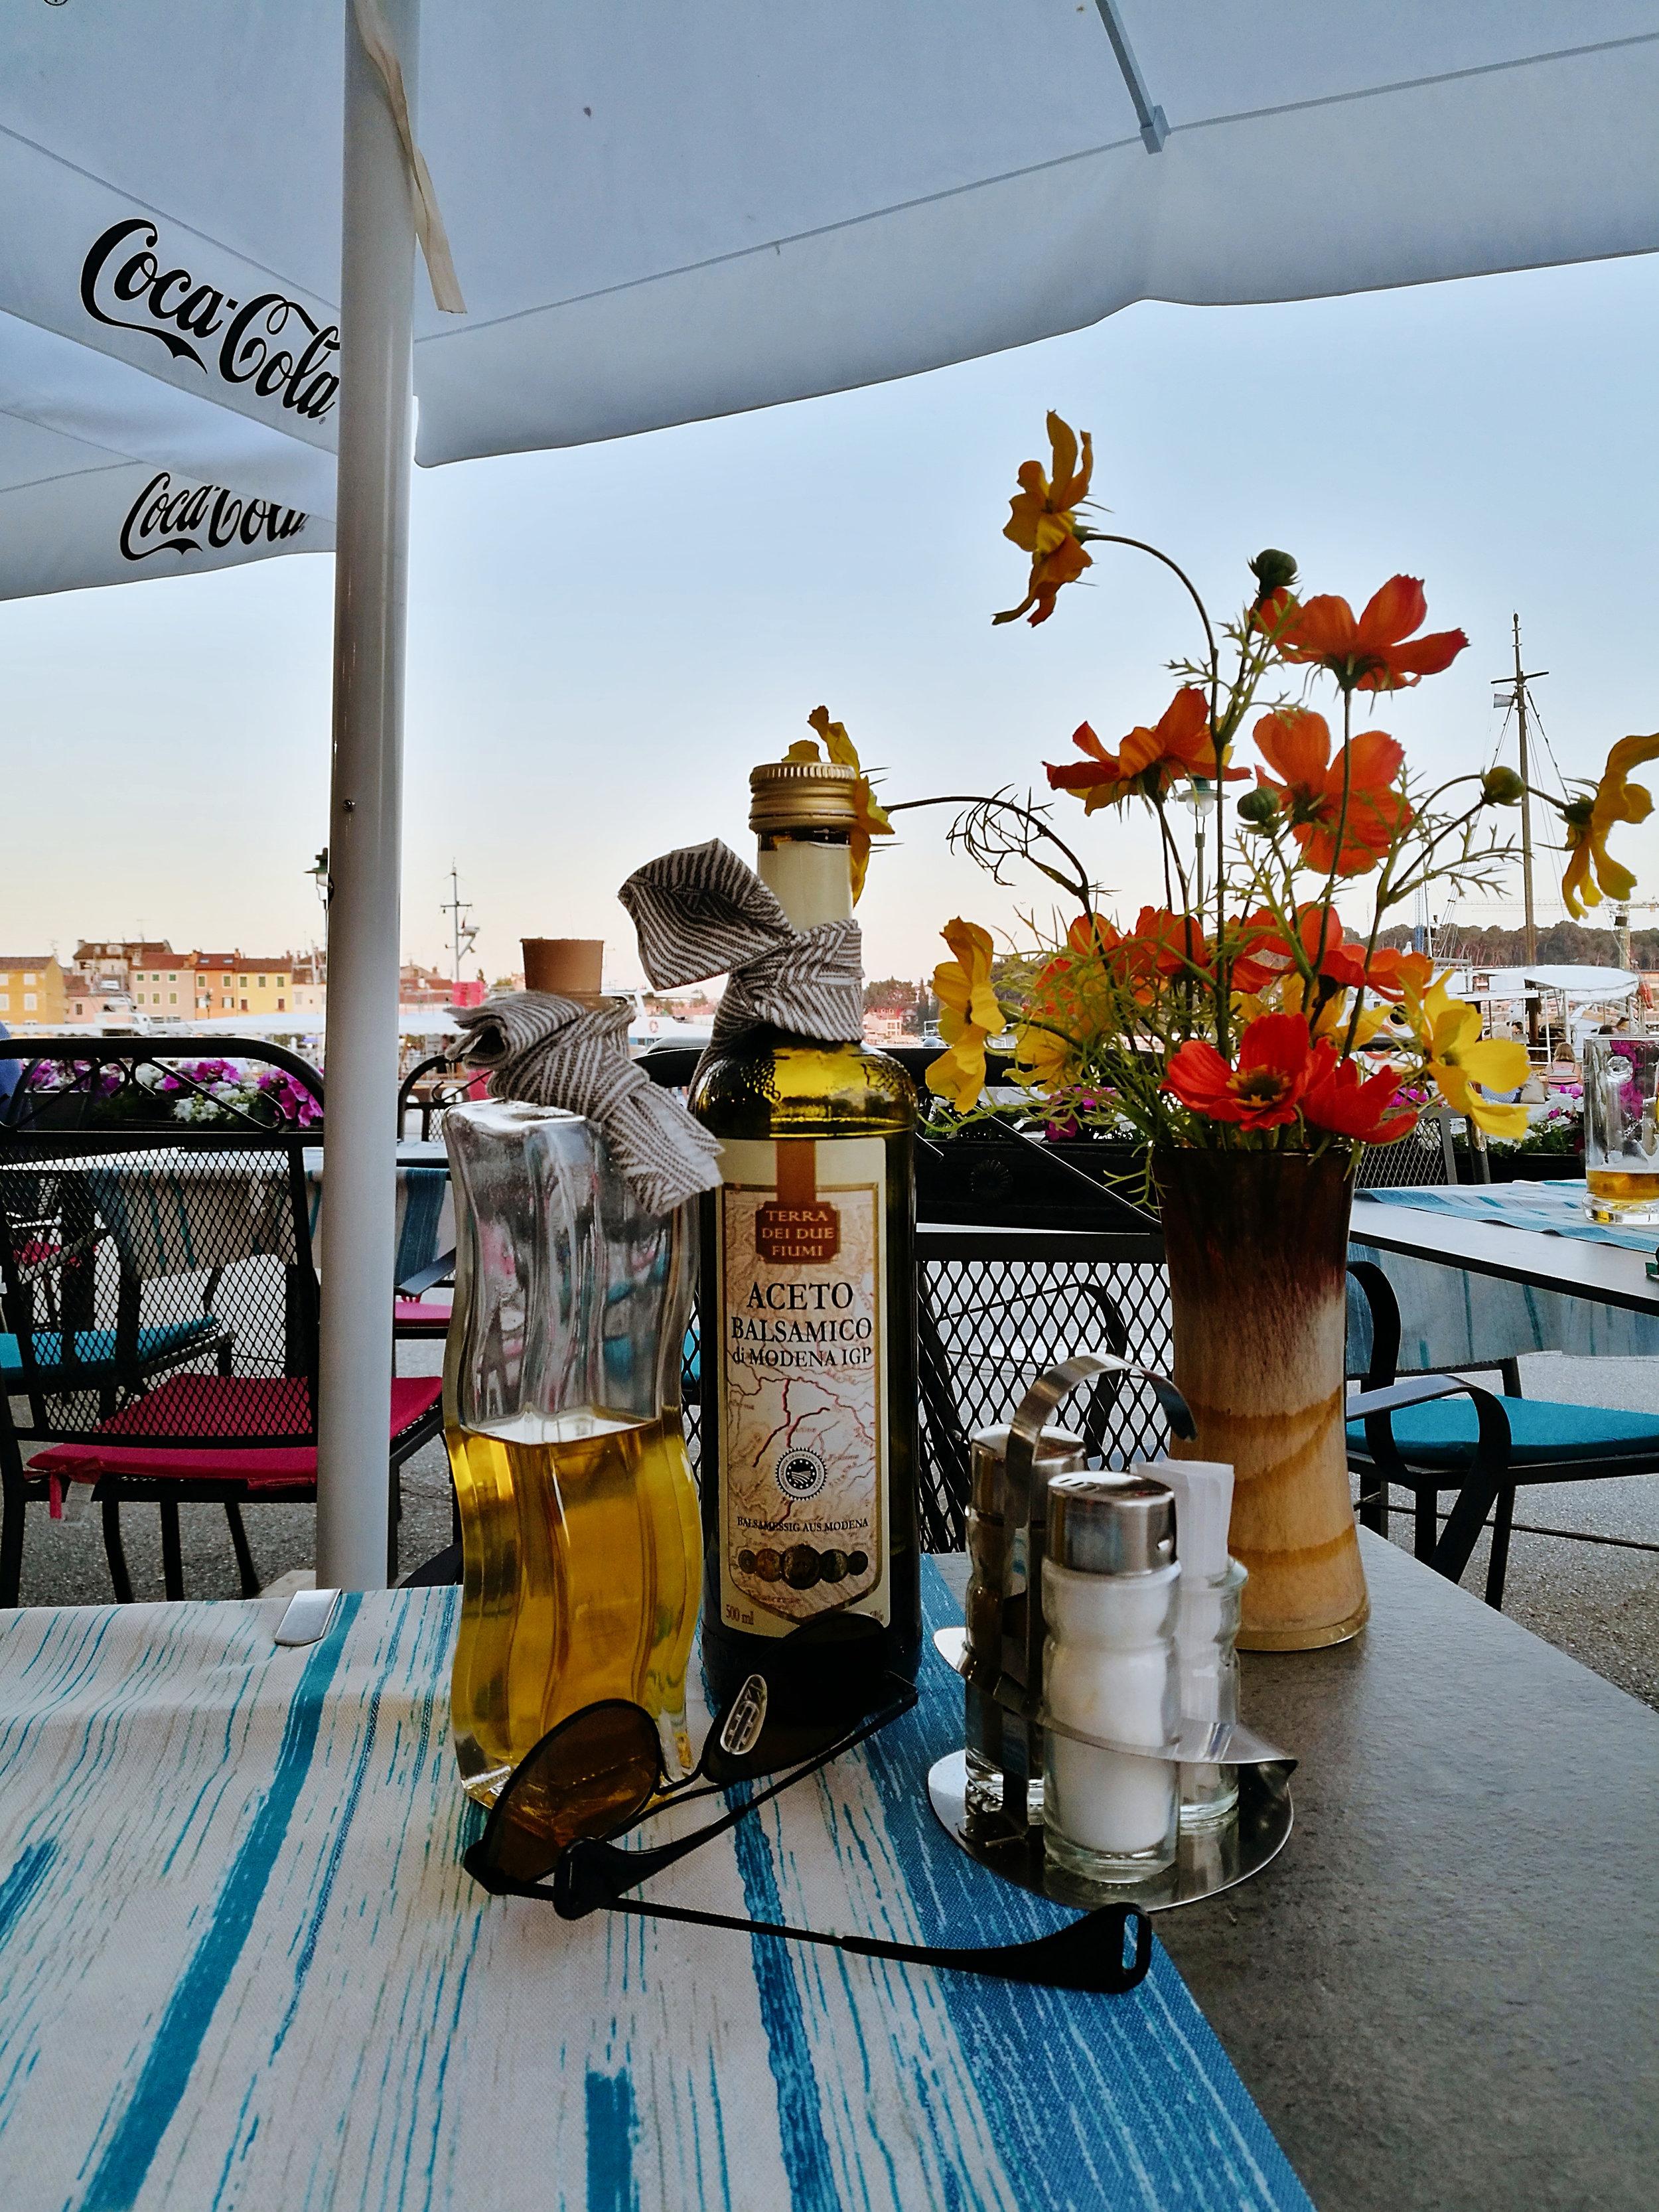 pula-kroatia-ravintola-ruokaa-mona-kajander-matkablogi.jpg